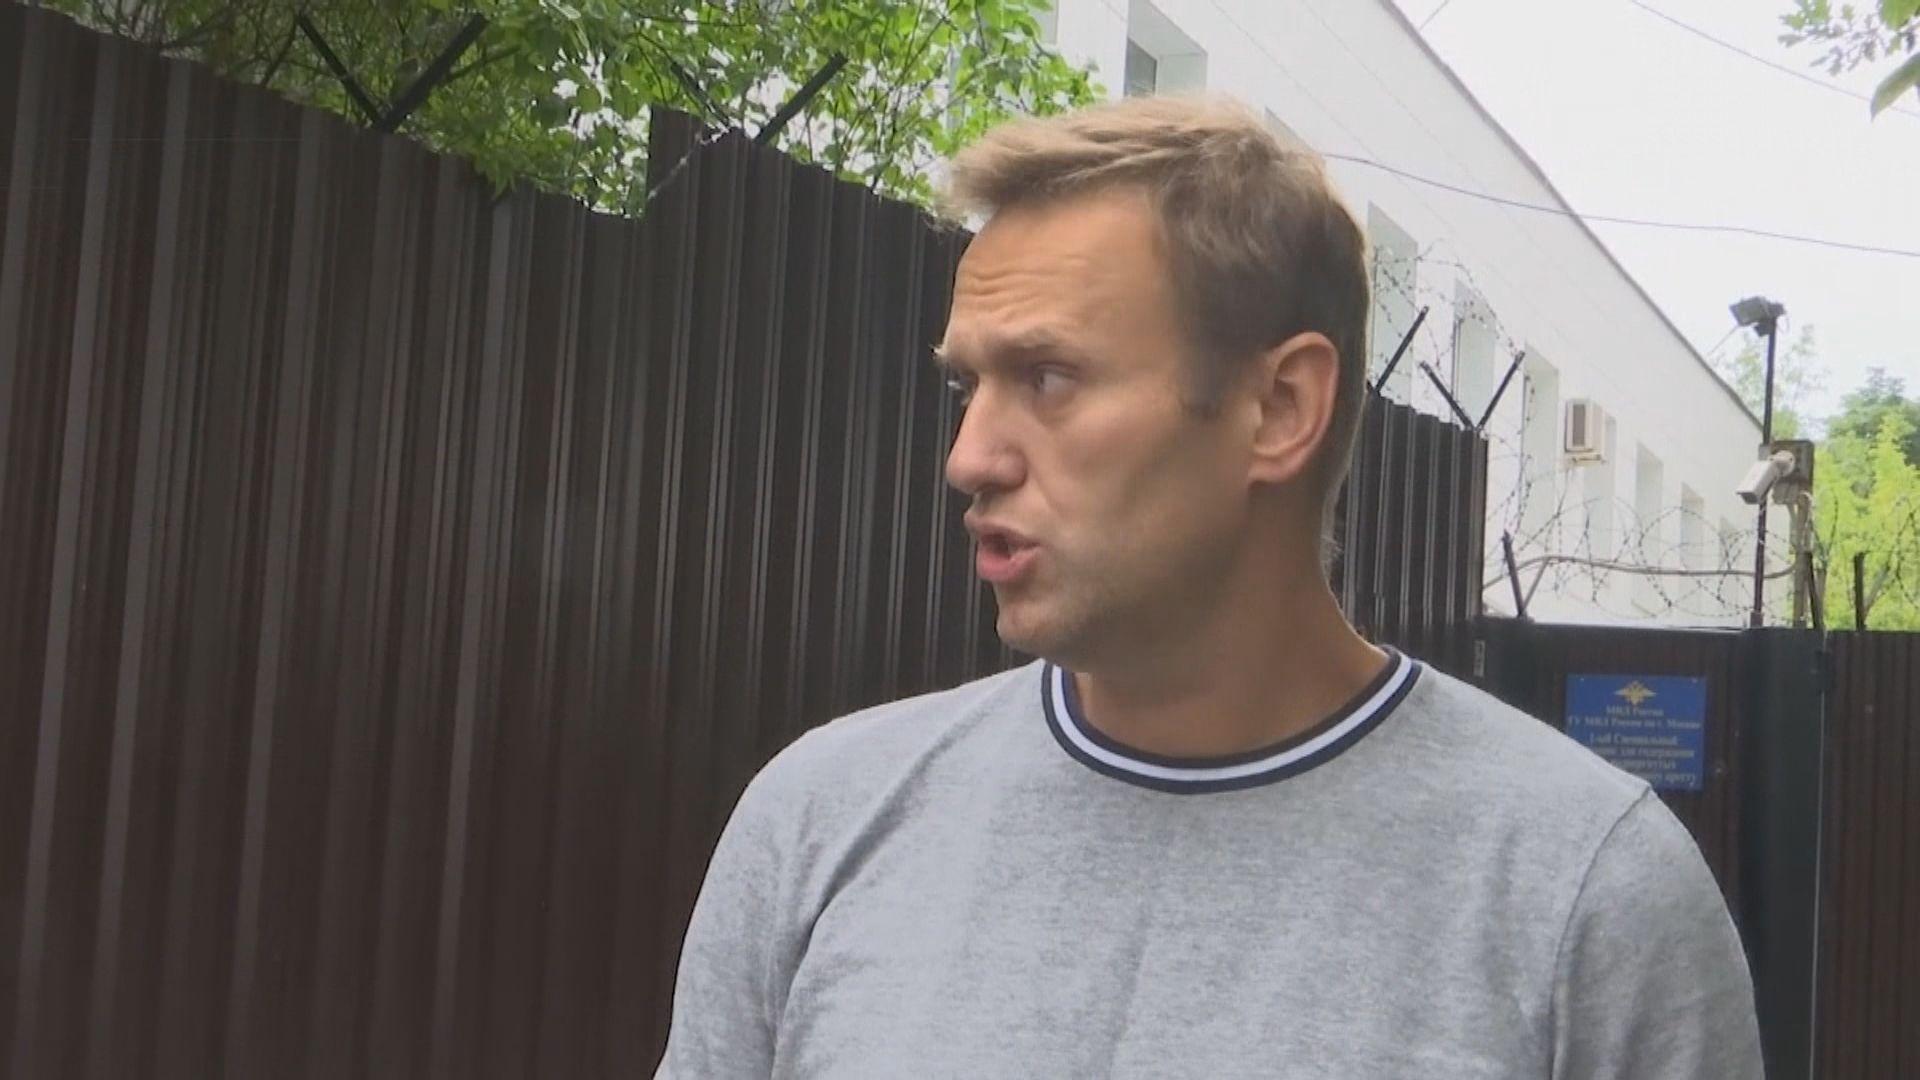 俄反對派領袖納瓦爾尼據報出事前被俄警嚴密監視